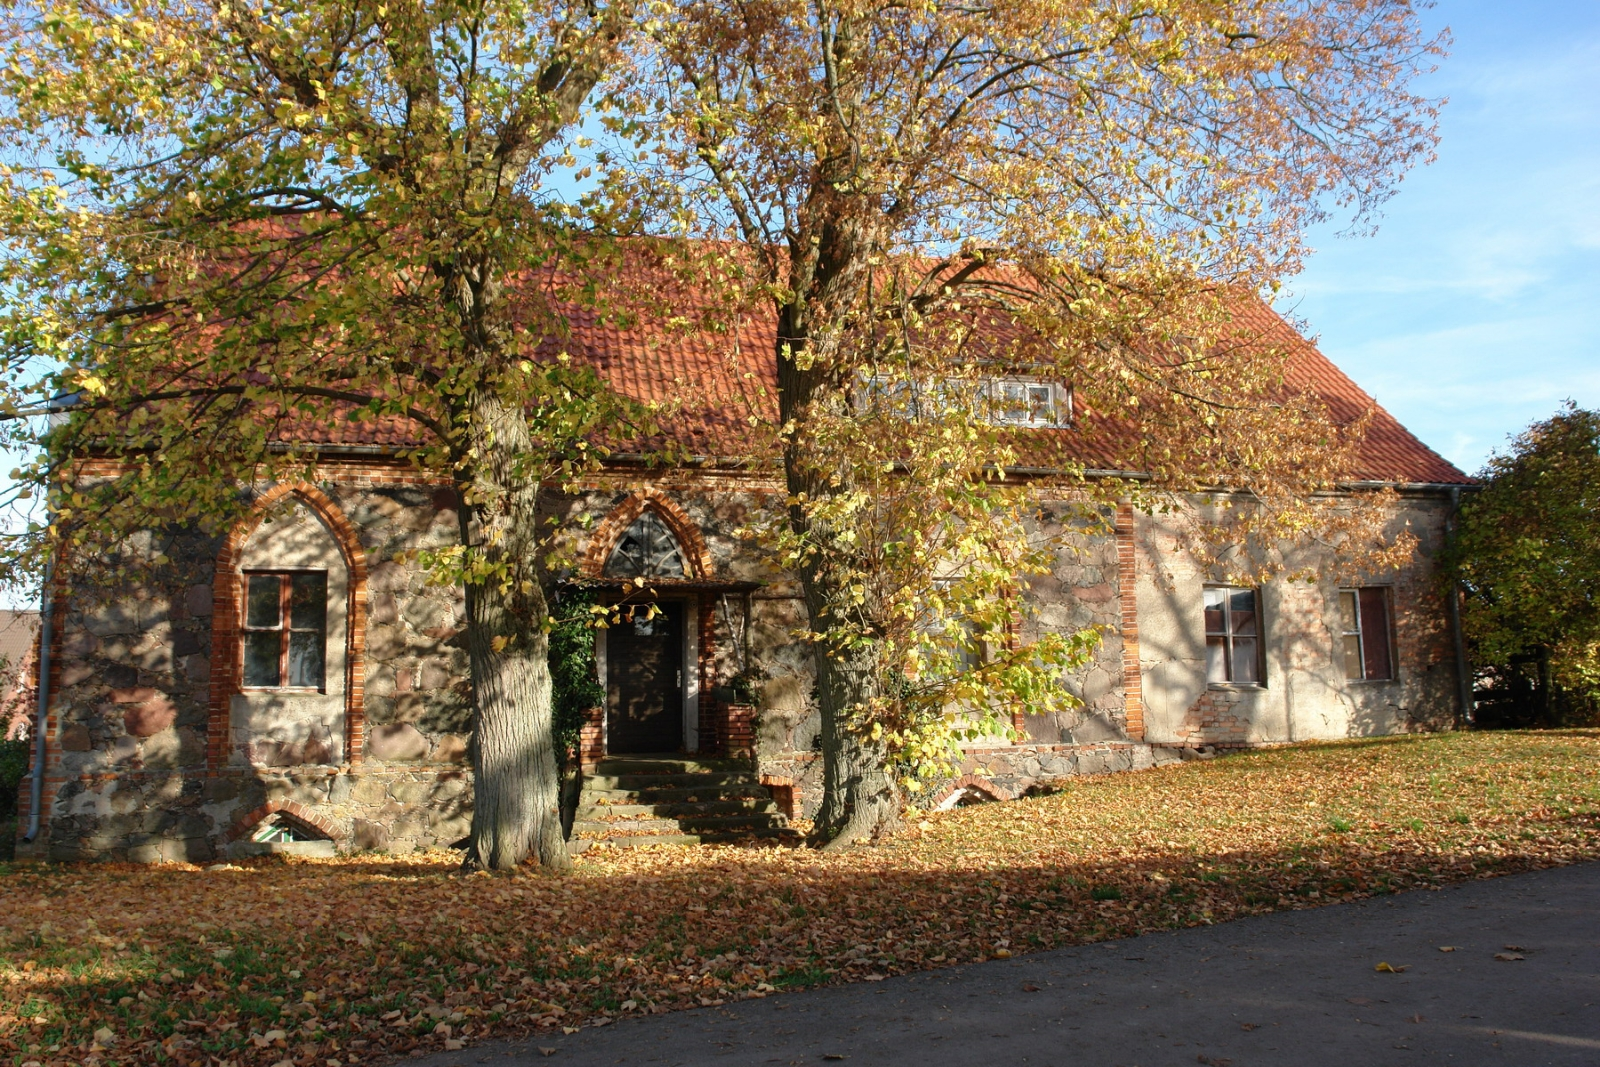 Gutshaus in Pfingstberg